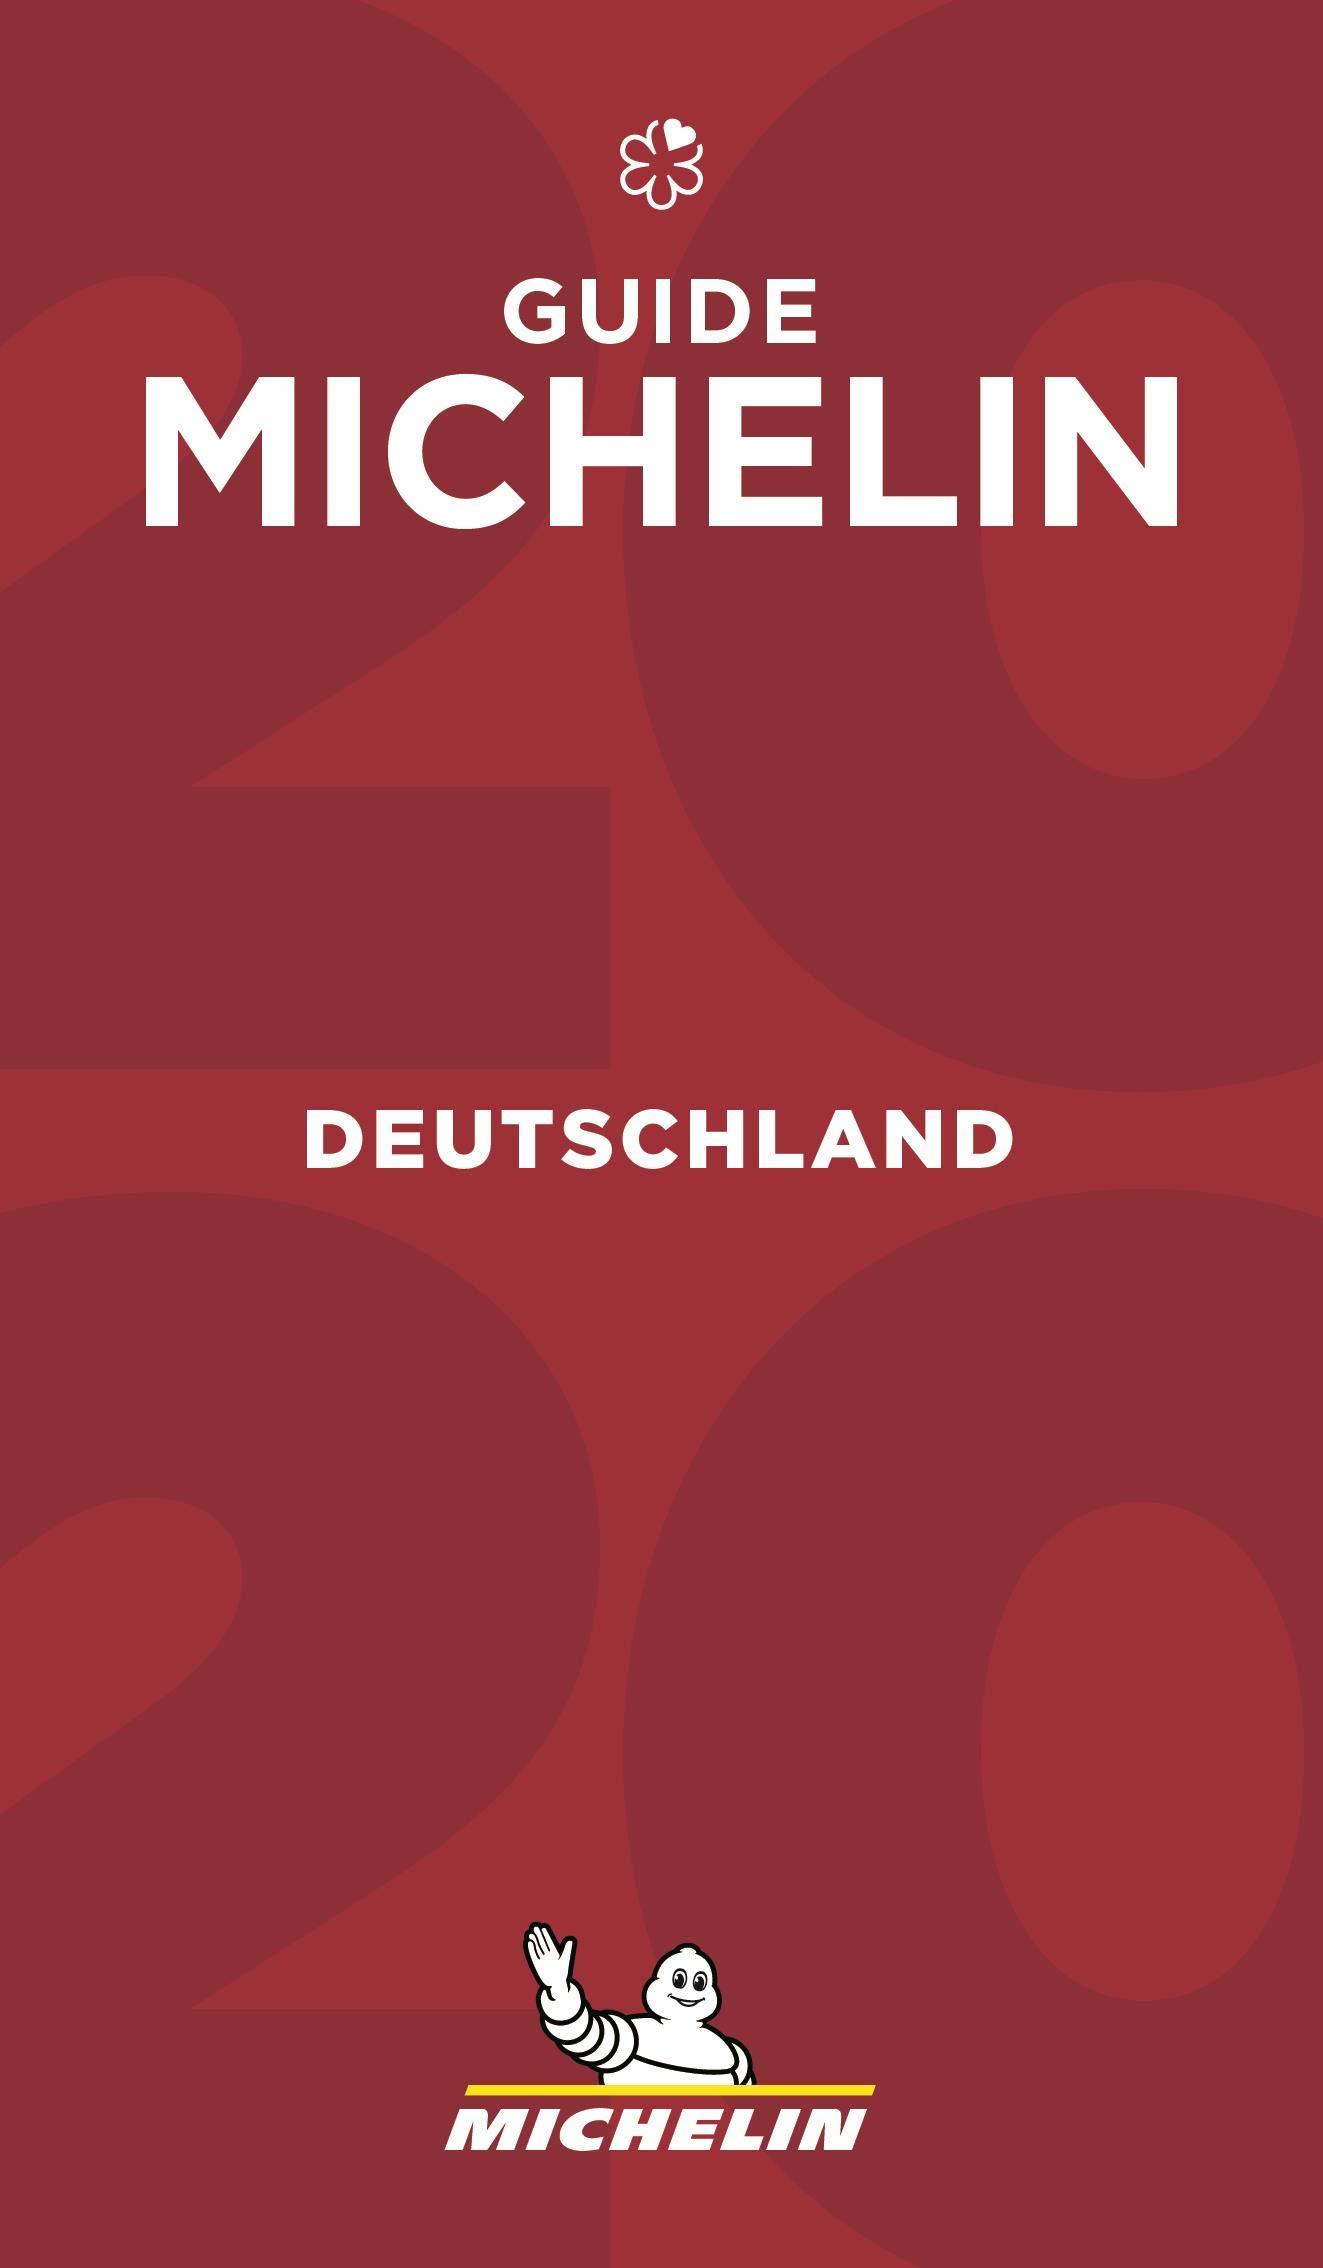 michelin_germany_2020.jpg